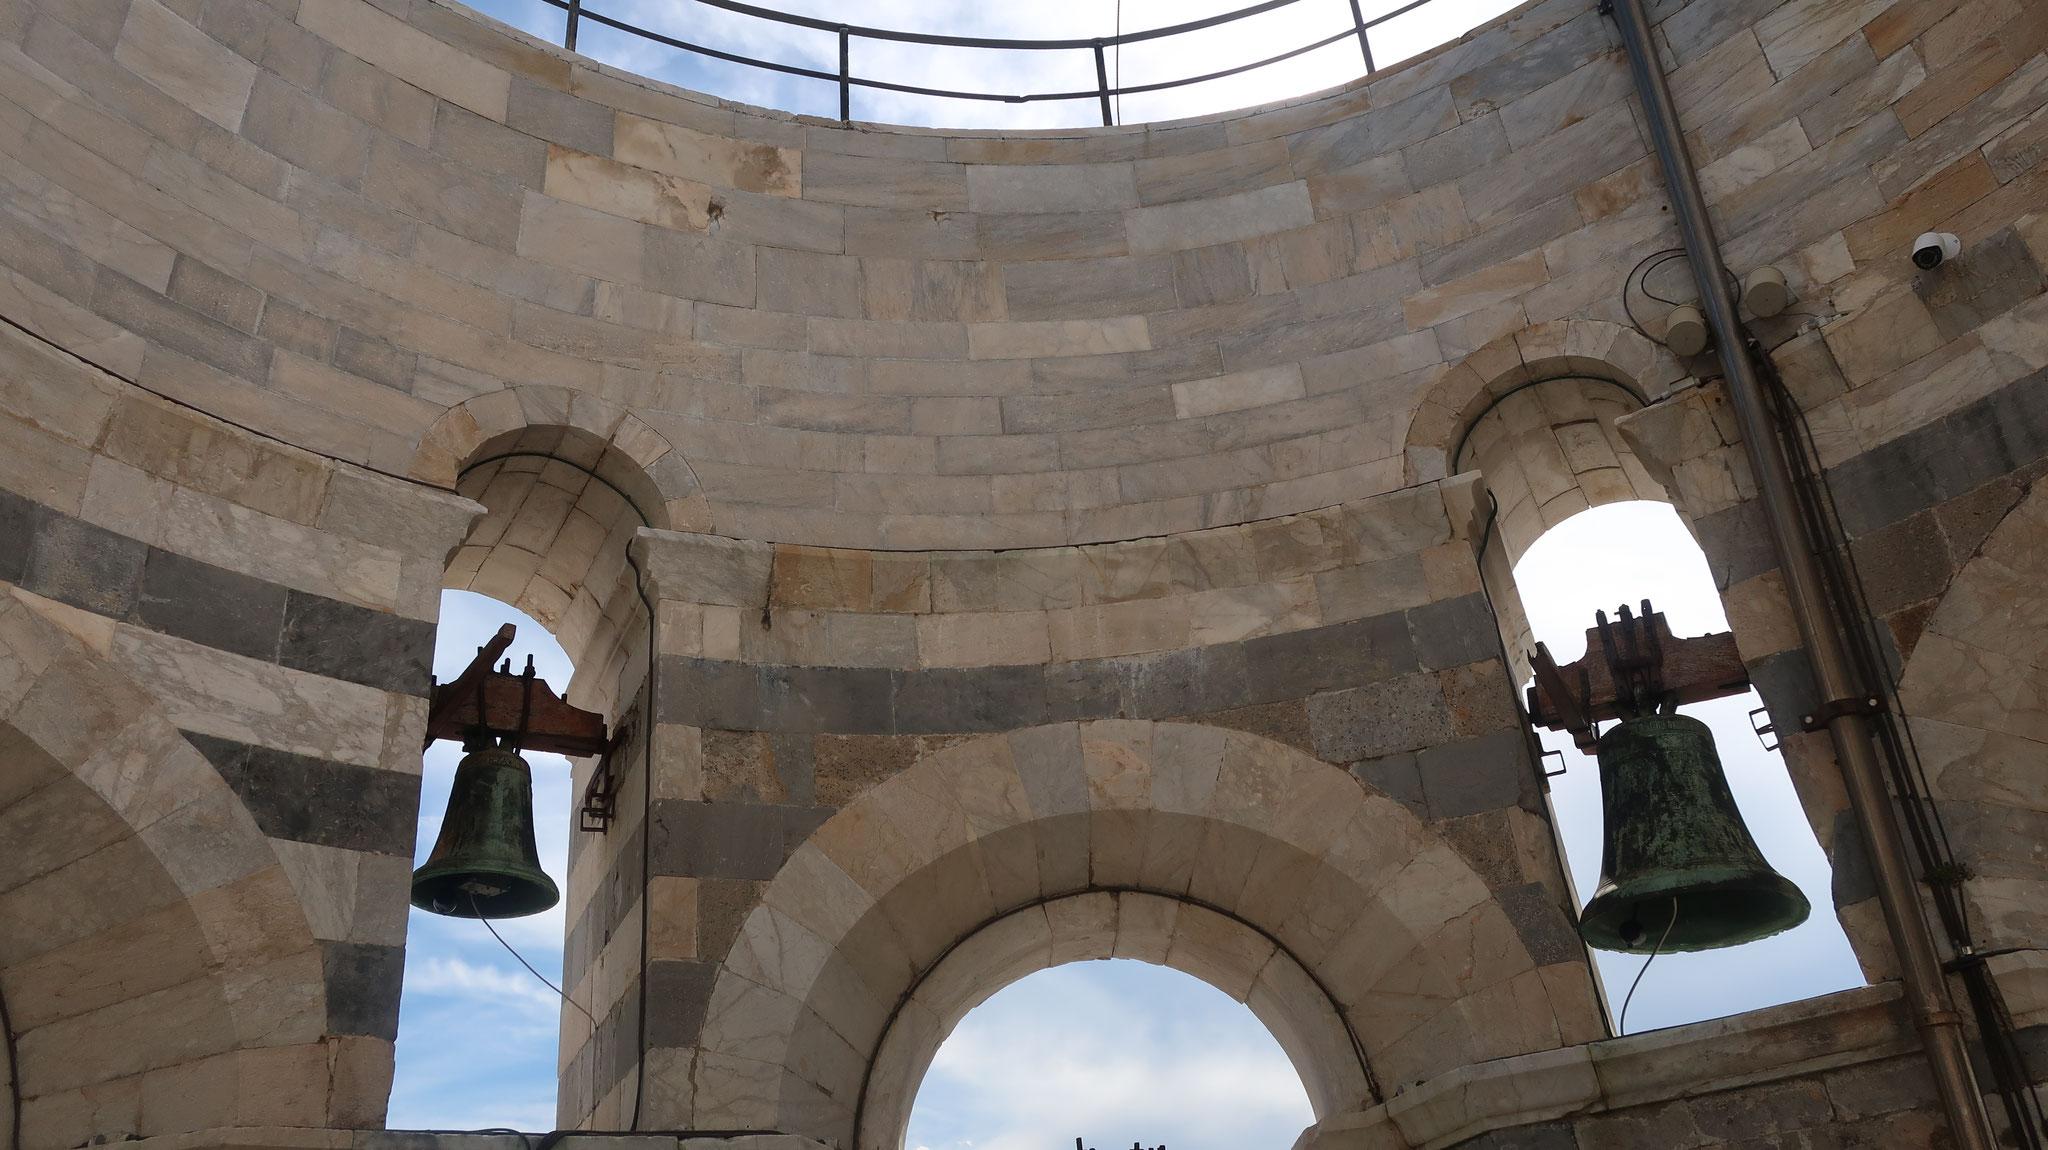 最上階の鐘。斜塔がこれ以上傾かないように、それぞれ重さが違うそうです。